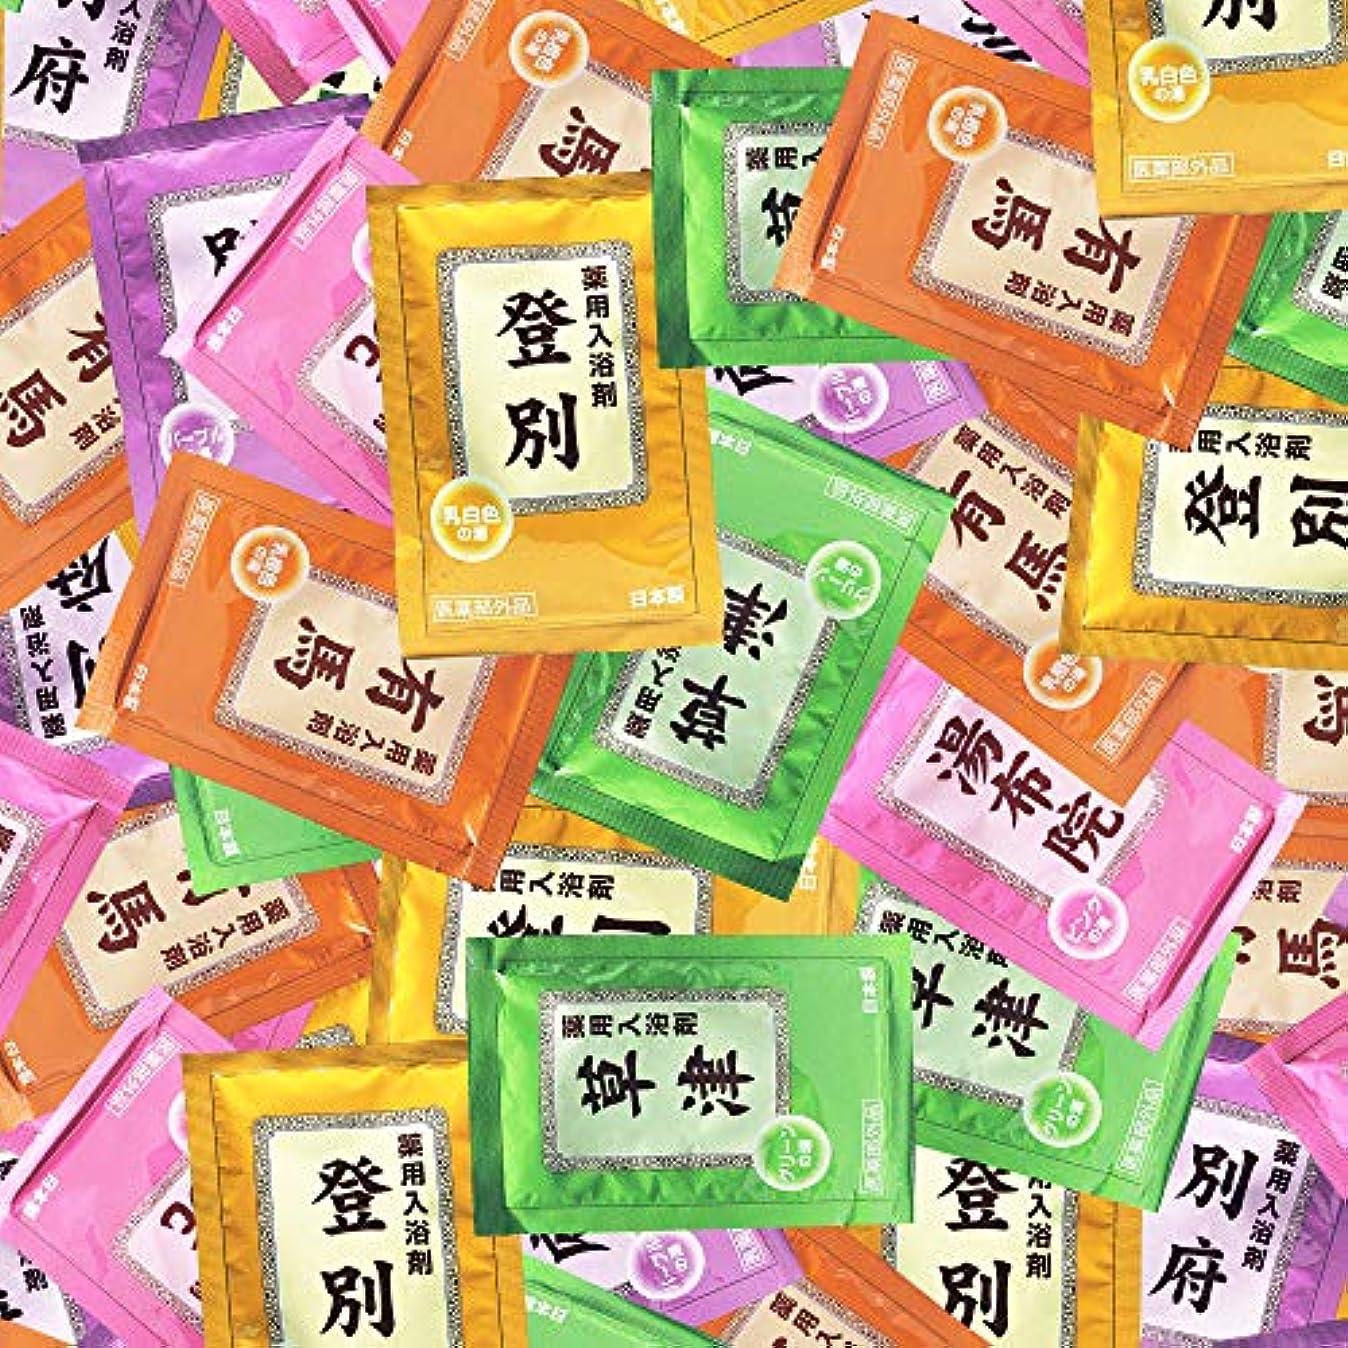 ストレンジャー禁止する外交問題薬用入浴剤 湯宿めぐり 120包セット